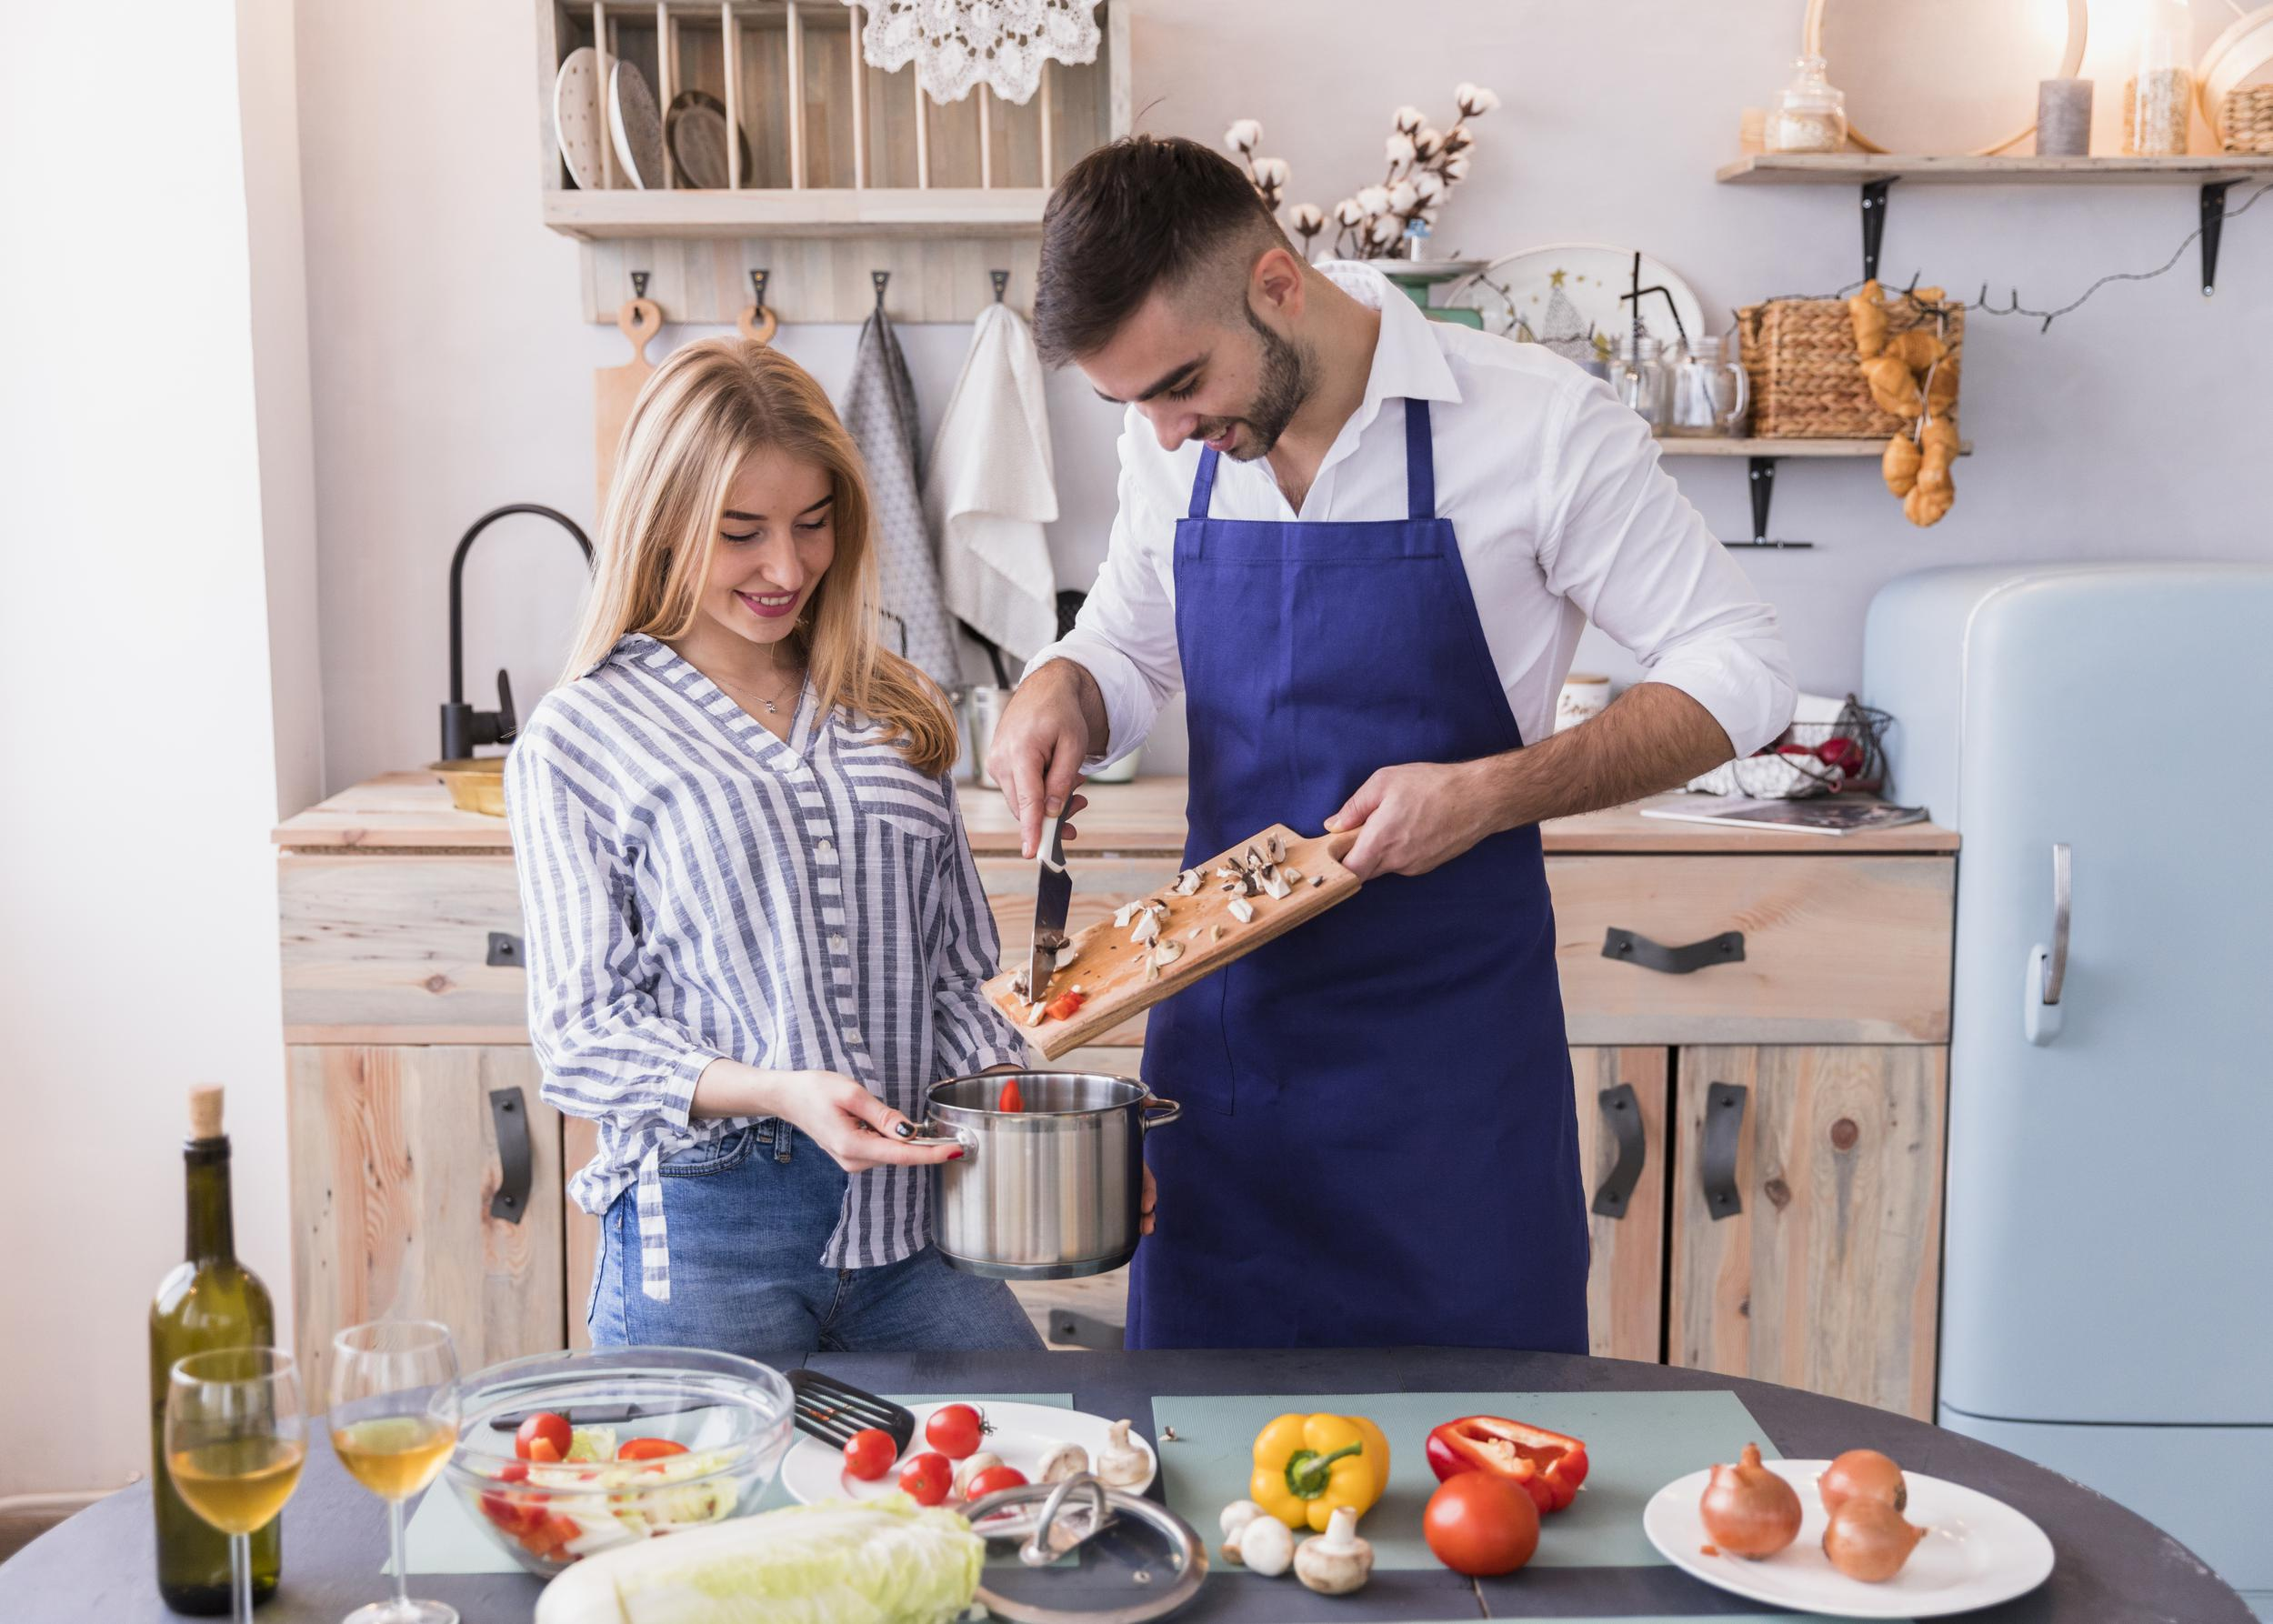 man-putting-vegetables-pot-in-kitchen.jpg